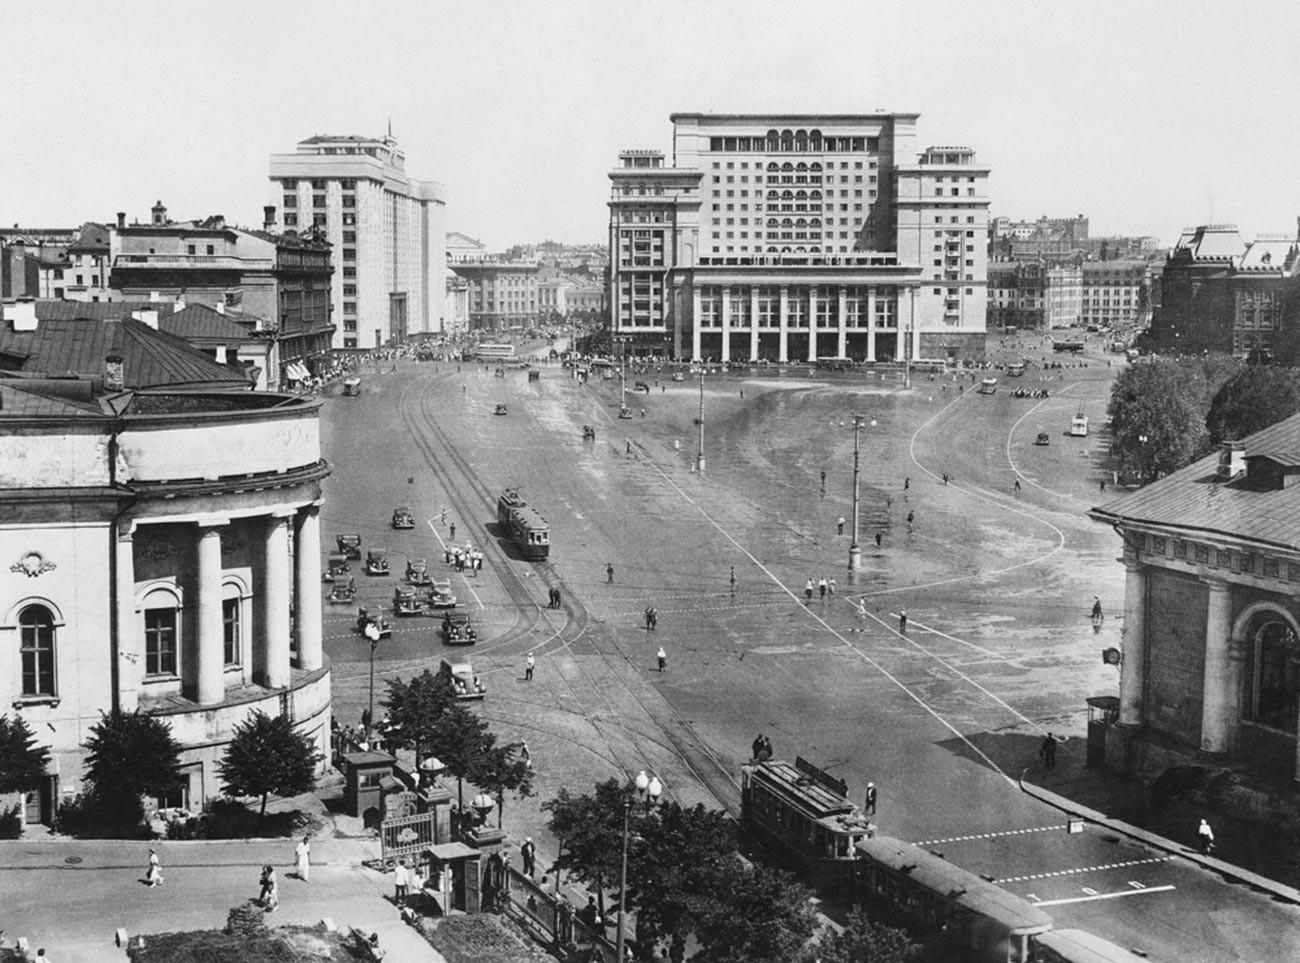 """Наум Грановски. Манежниот плоштад и хотелот """"Москва"""" во текот на триесеттите години од минатиот век."""